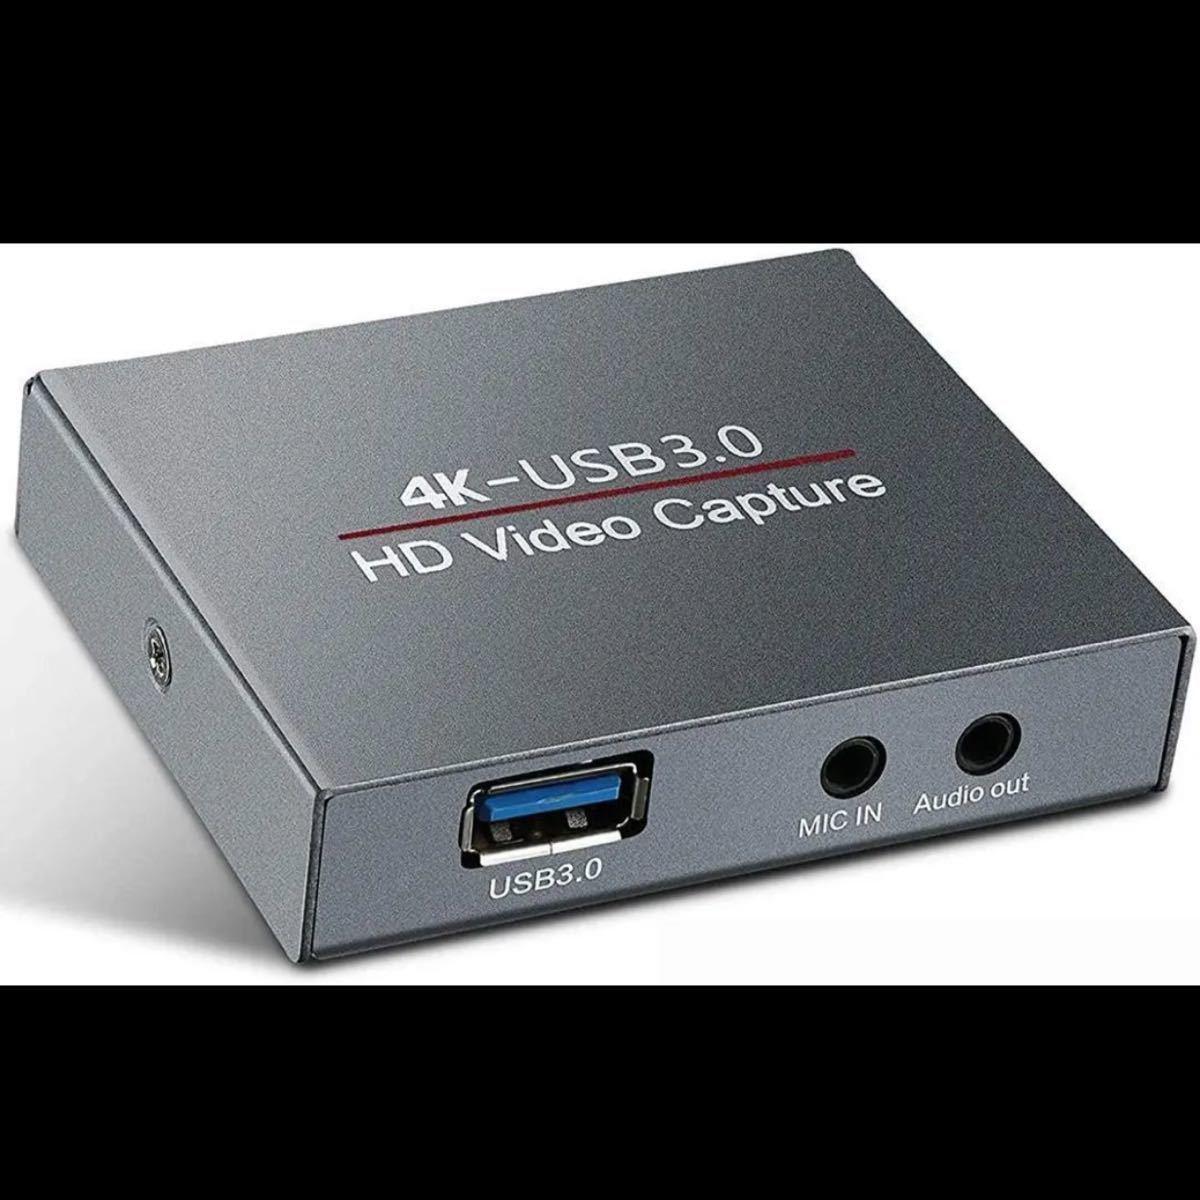 キャプチャーボード 4K HDMI USB ゲーム 1080P HD 画質 HDMI切替器